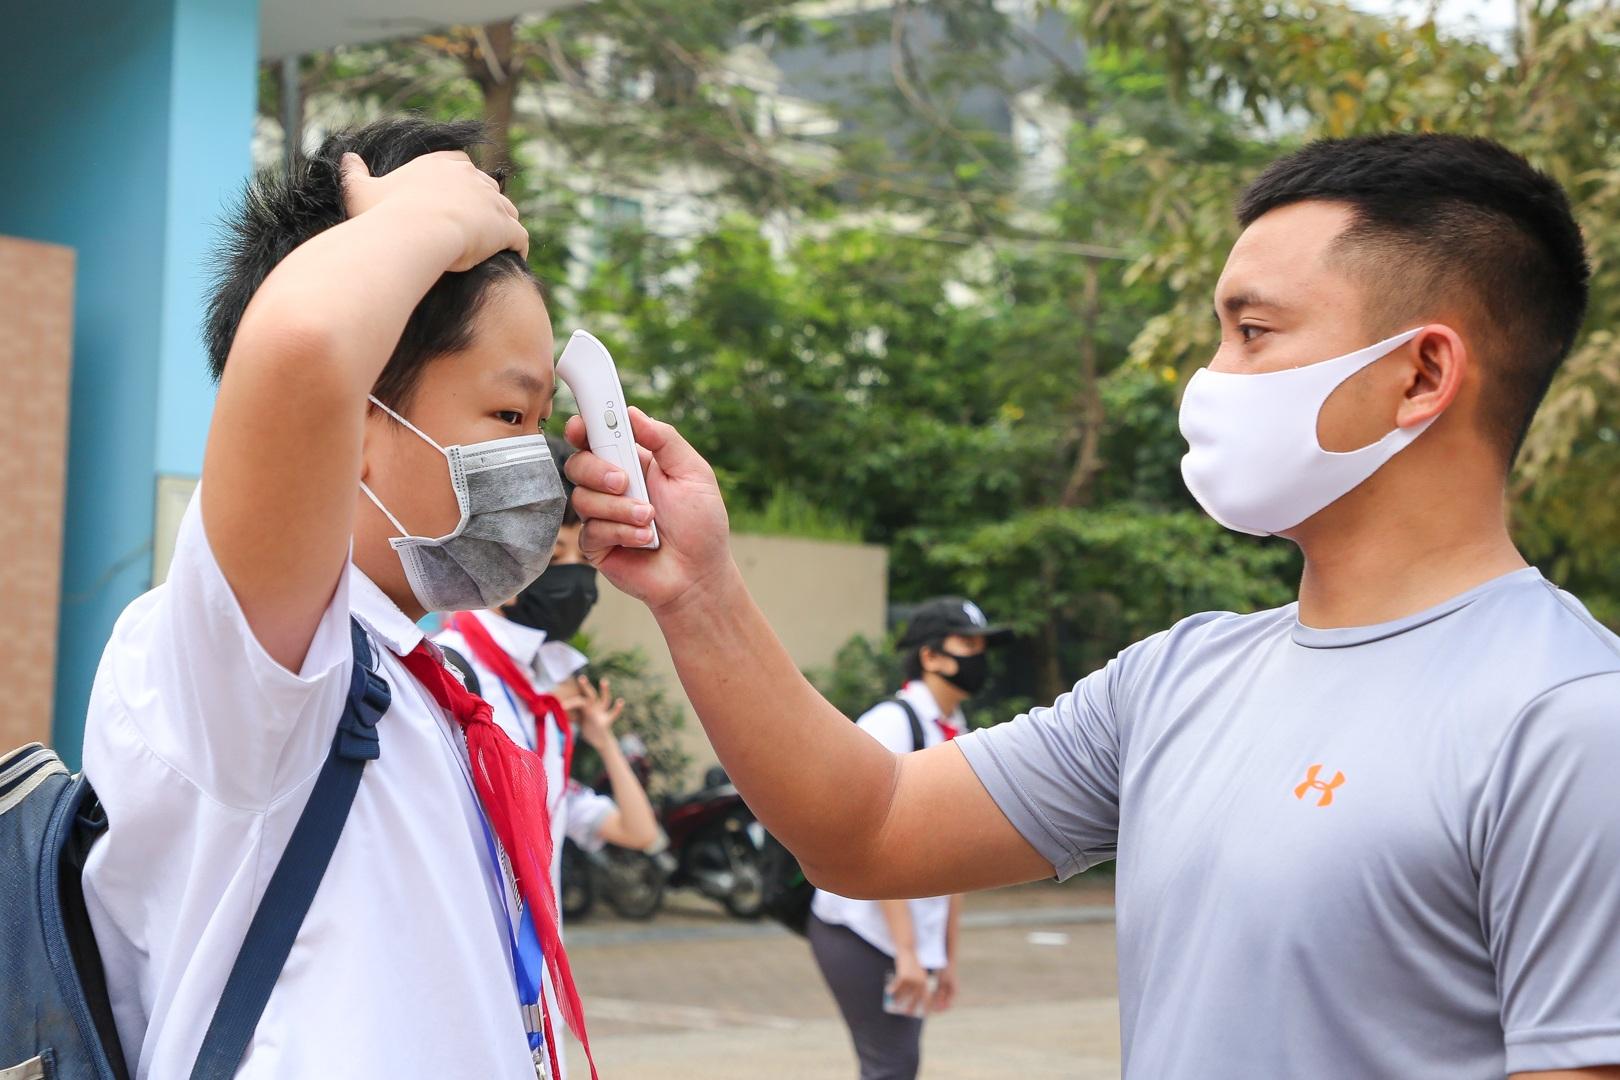 Tiết học đầu tiên giàu cảm xúc của học sinh Hà Nội sau 3 tháng nghỉ dịch - 20